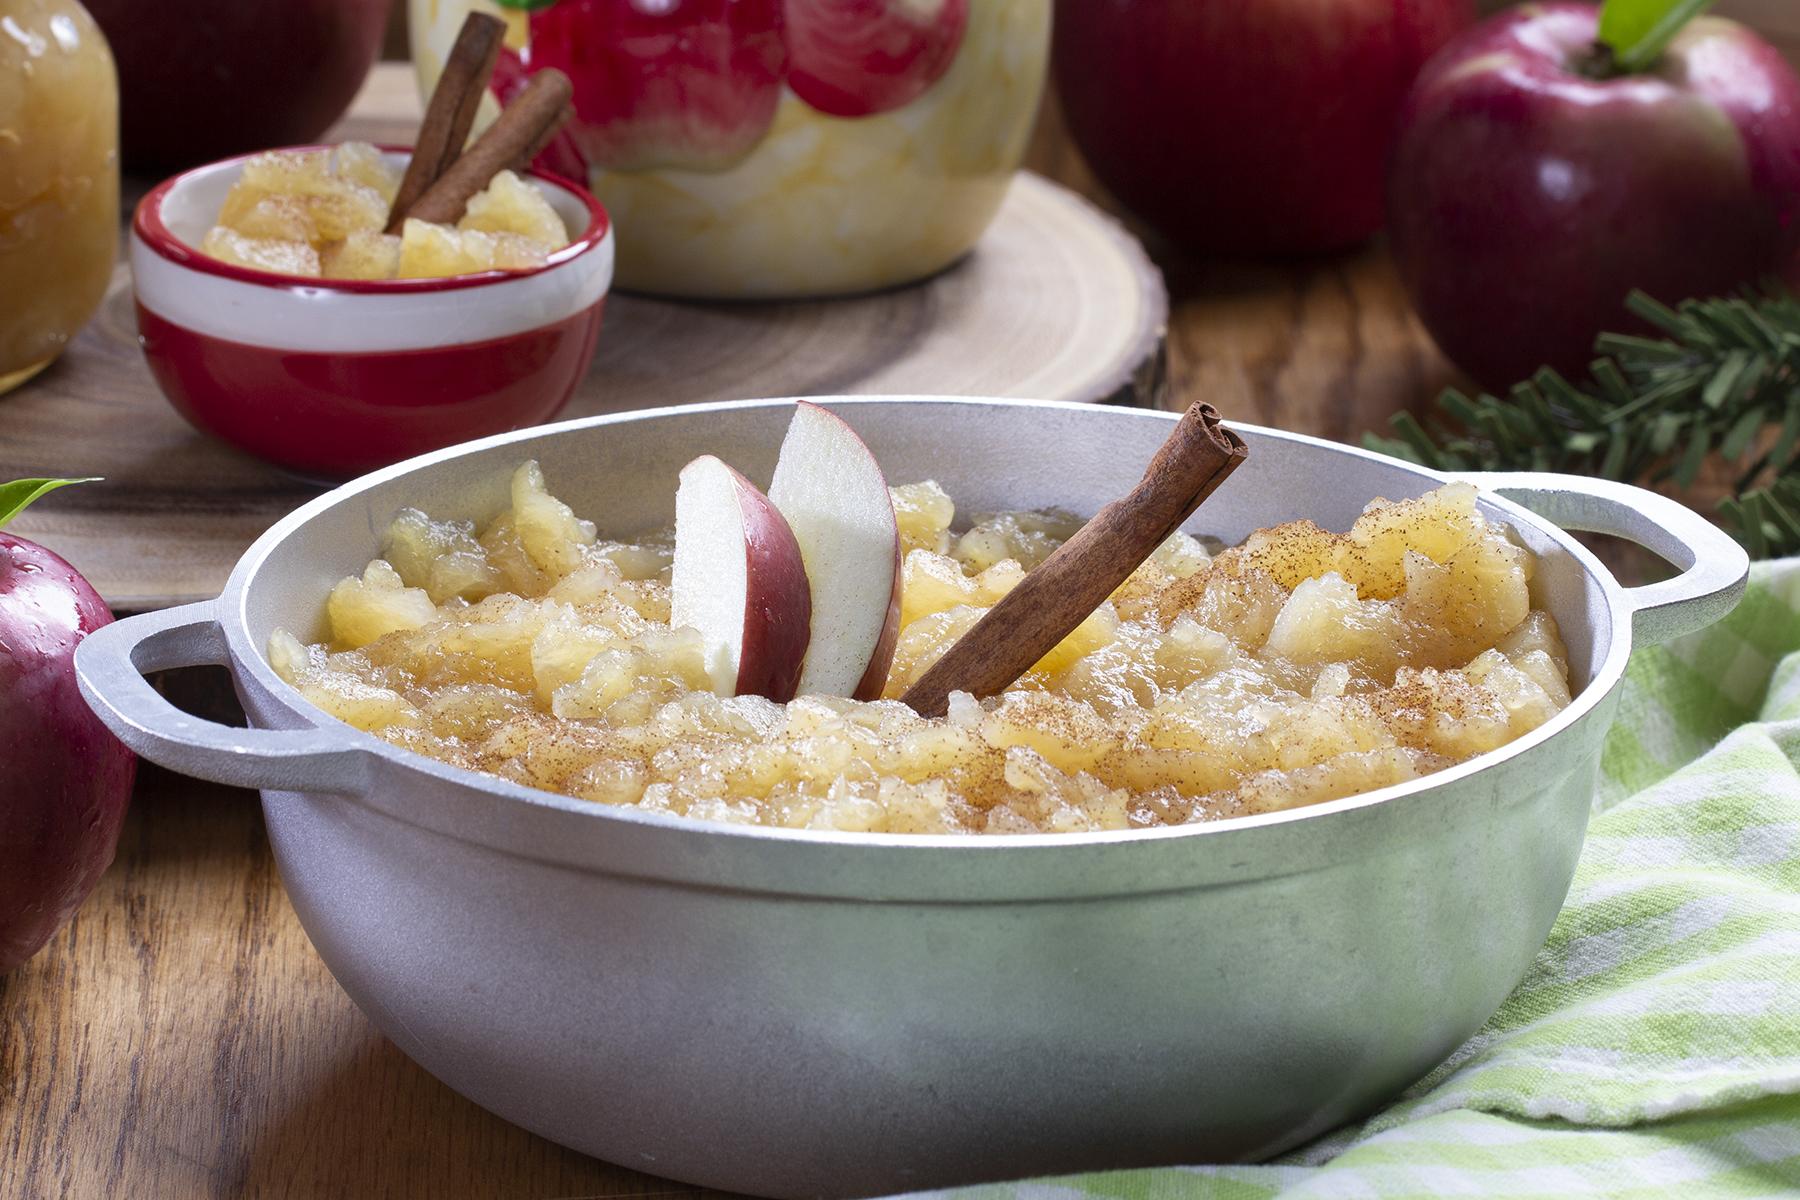 Chunky Cinnamon Applesauce | MrFood.com